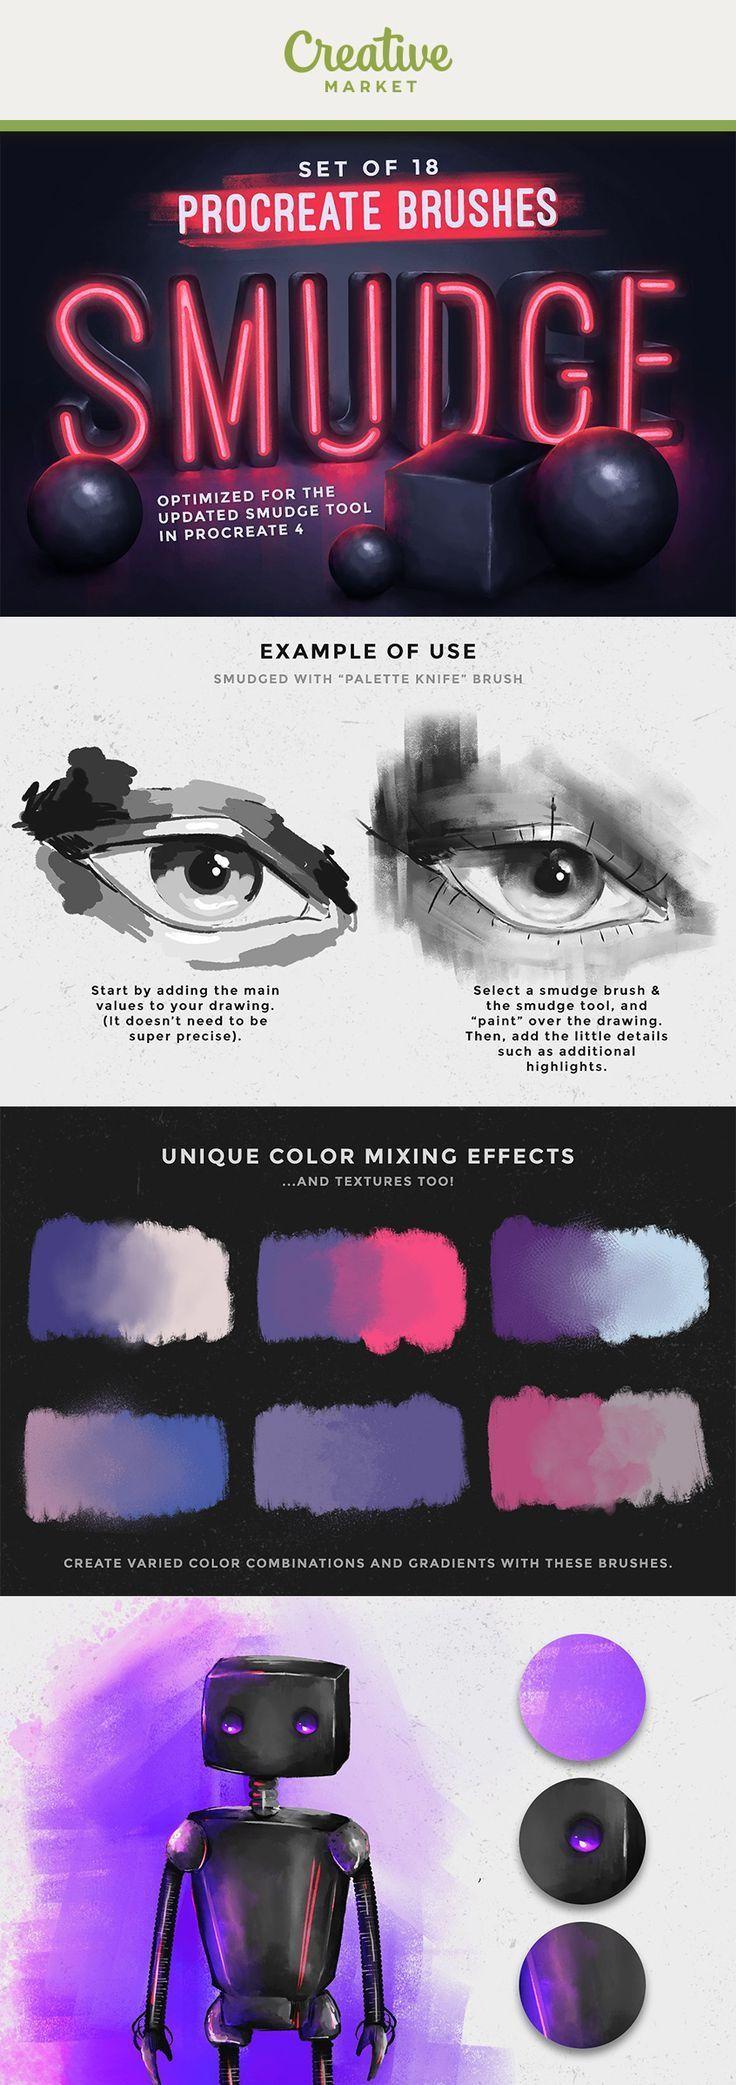 Photoshop Brushes Creative Market Procreate Brushes Free Procreate Smudging